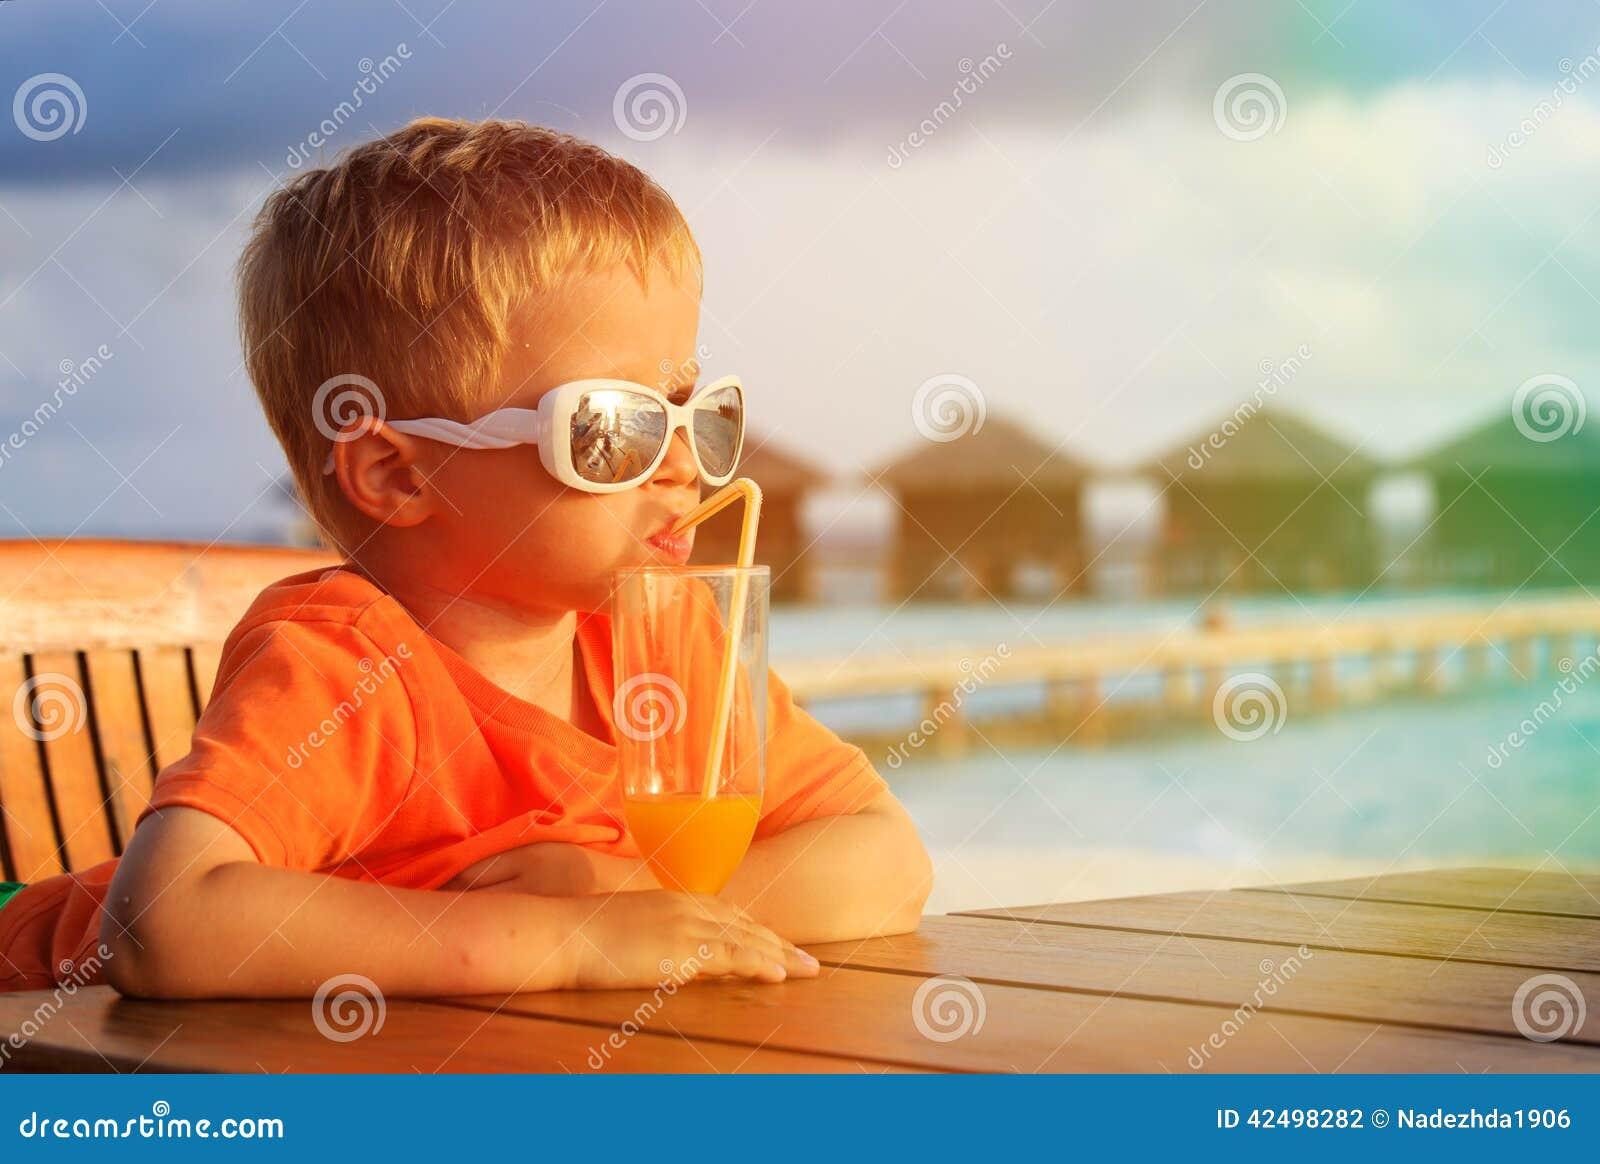 在热带海滩的小男孩饮用的鸡尾酒